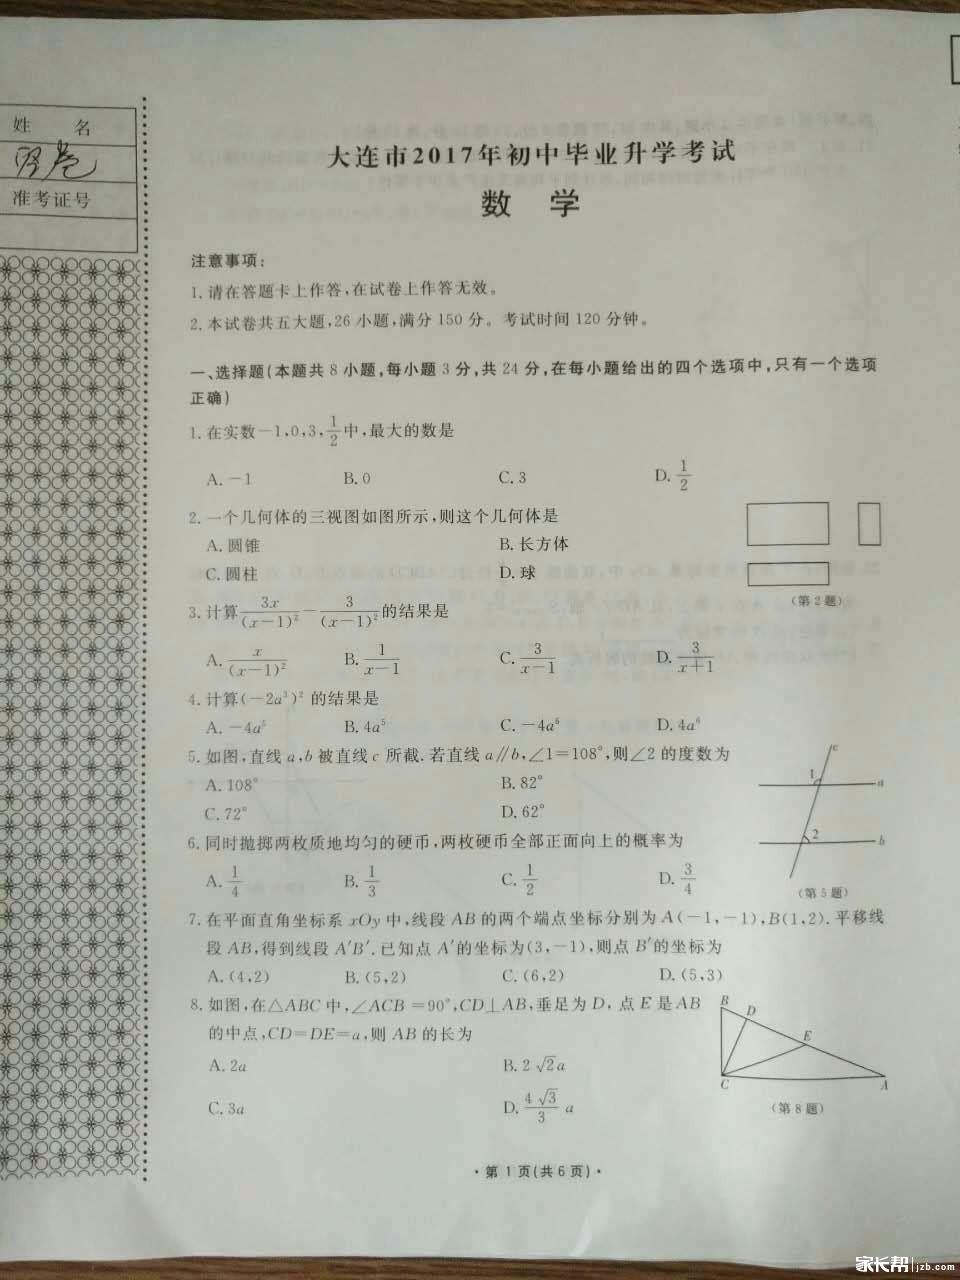 2017沈阳中考数学试题及答案解析(图片版含答案)